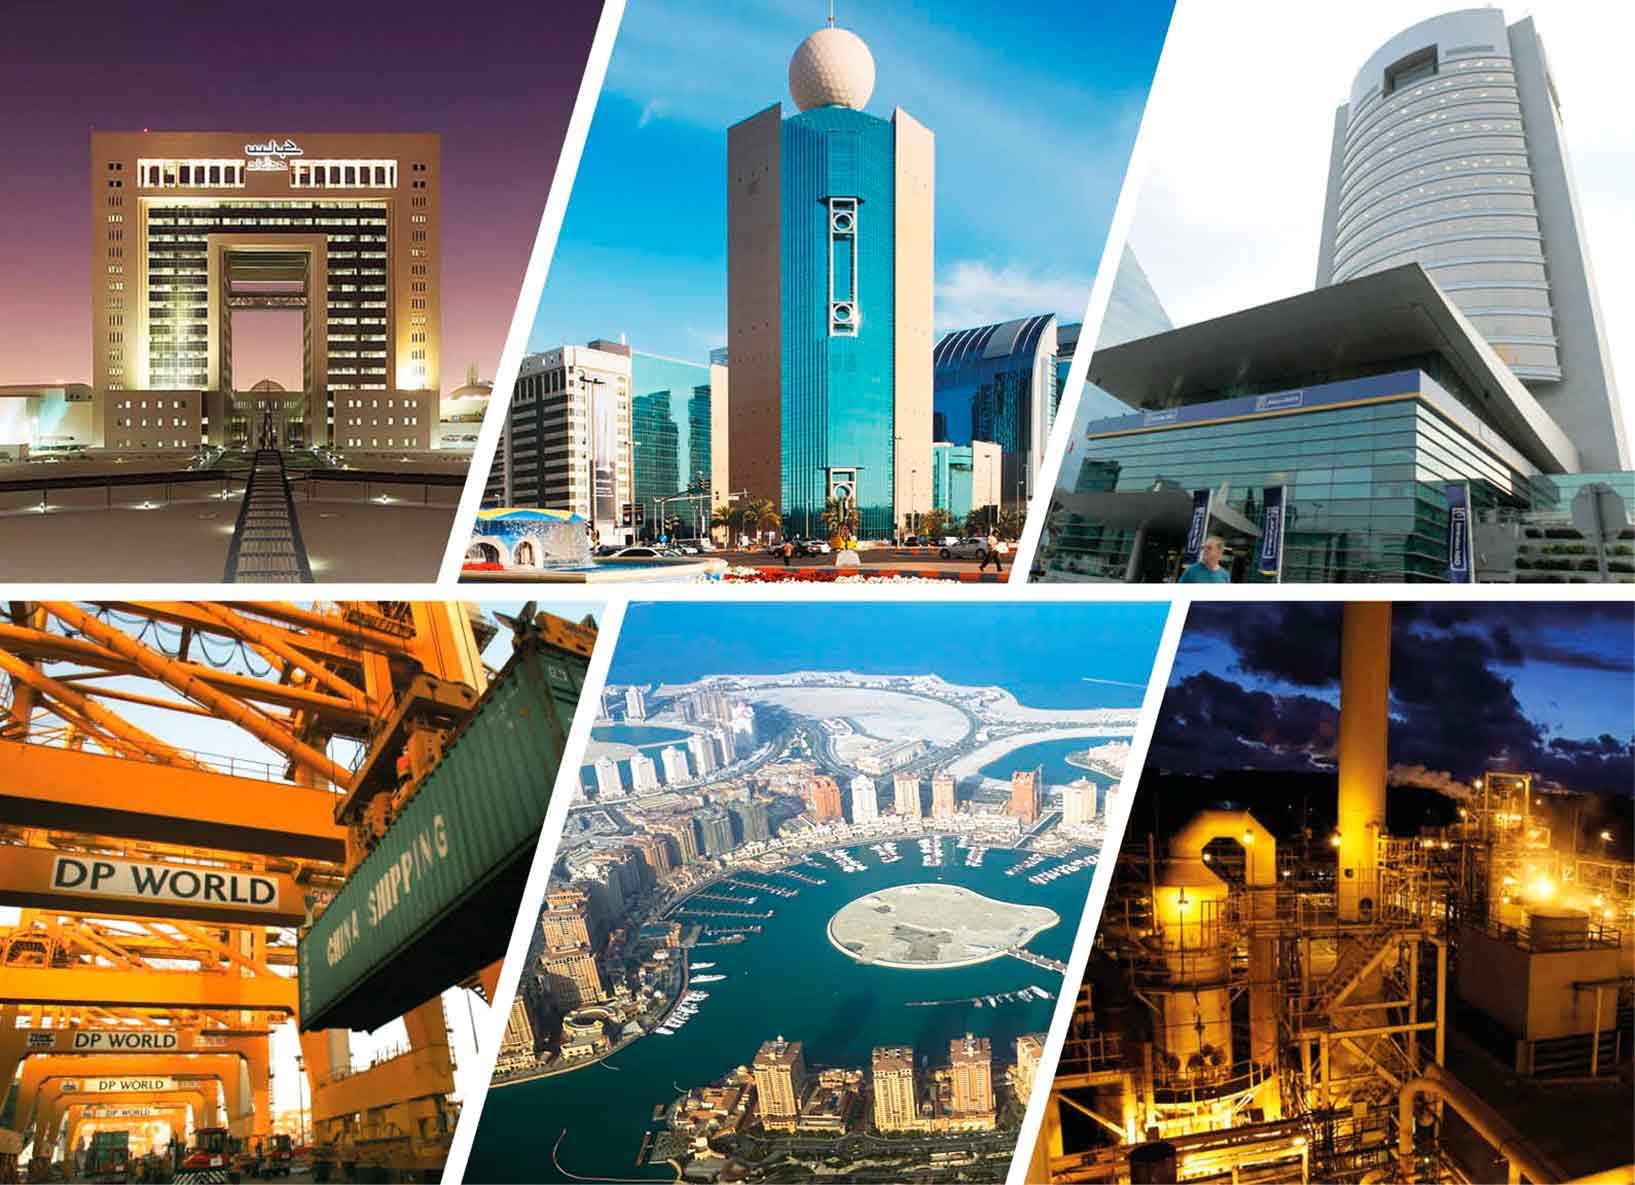 أقوي 20 شركة في العالم العربي لعام 2017